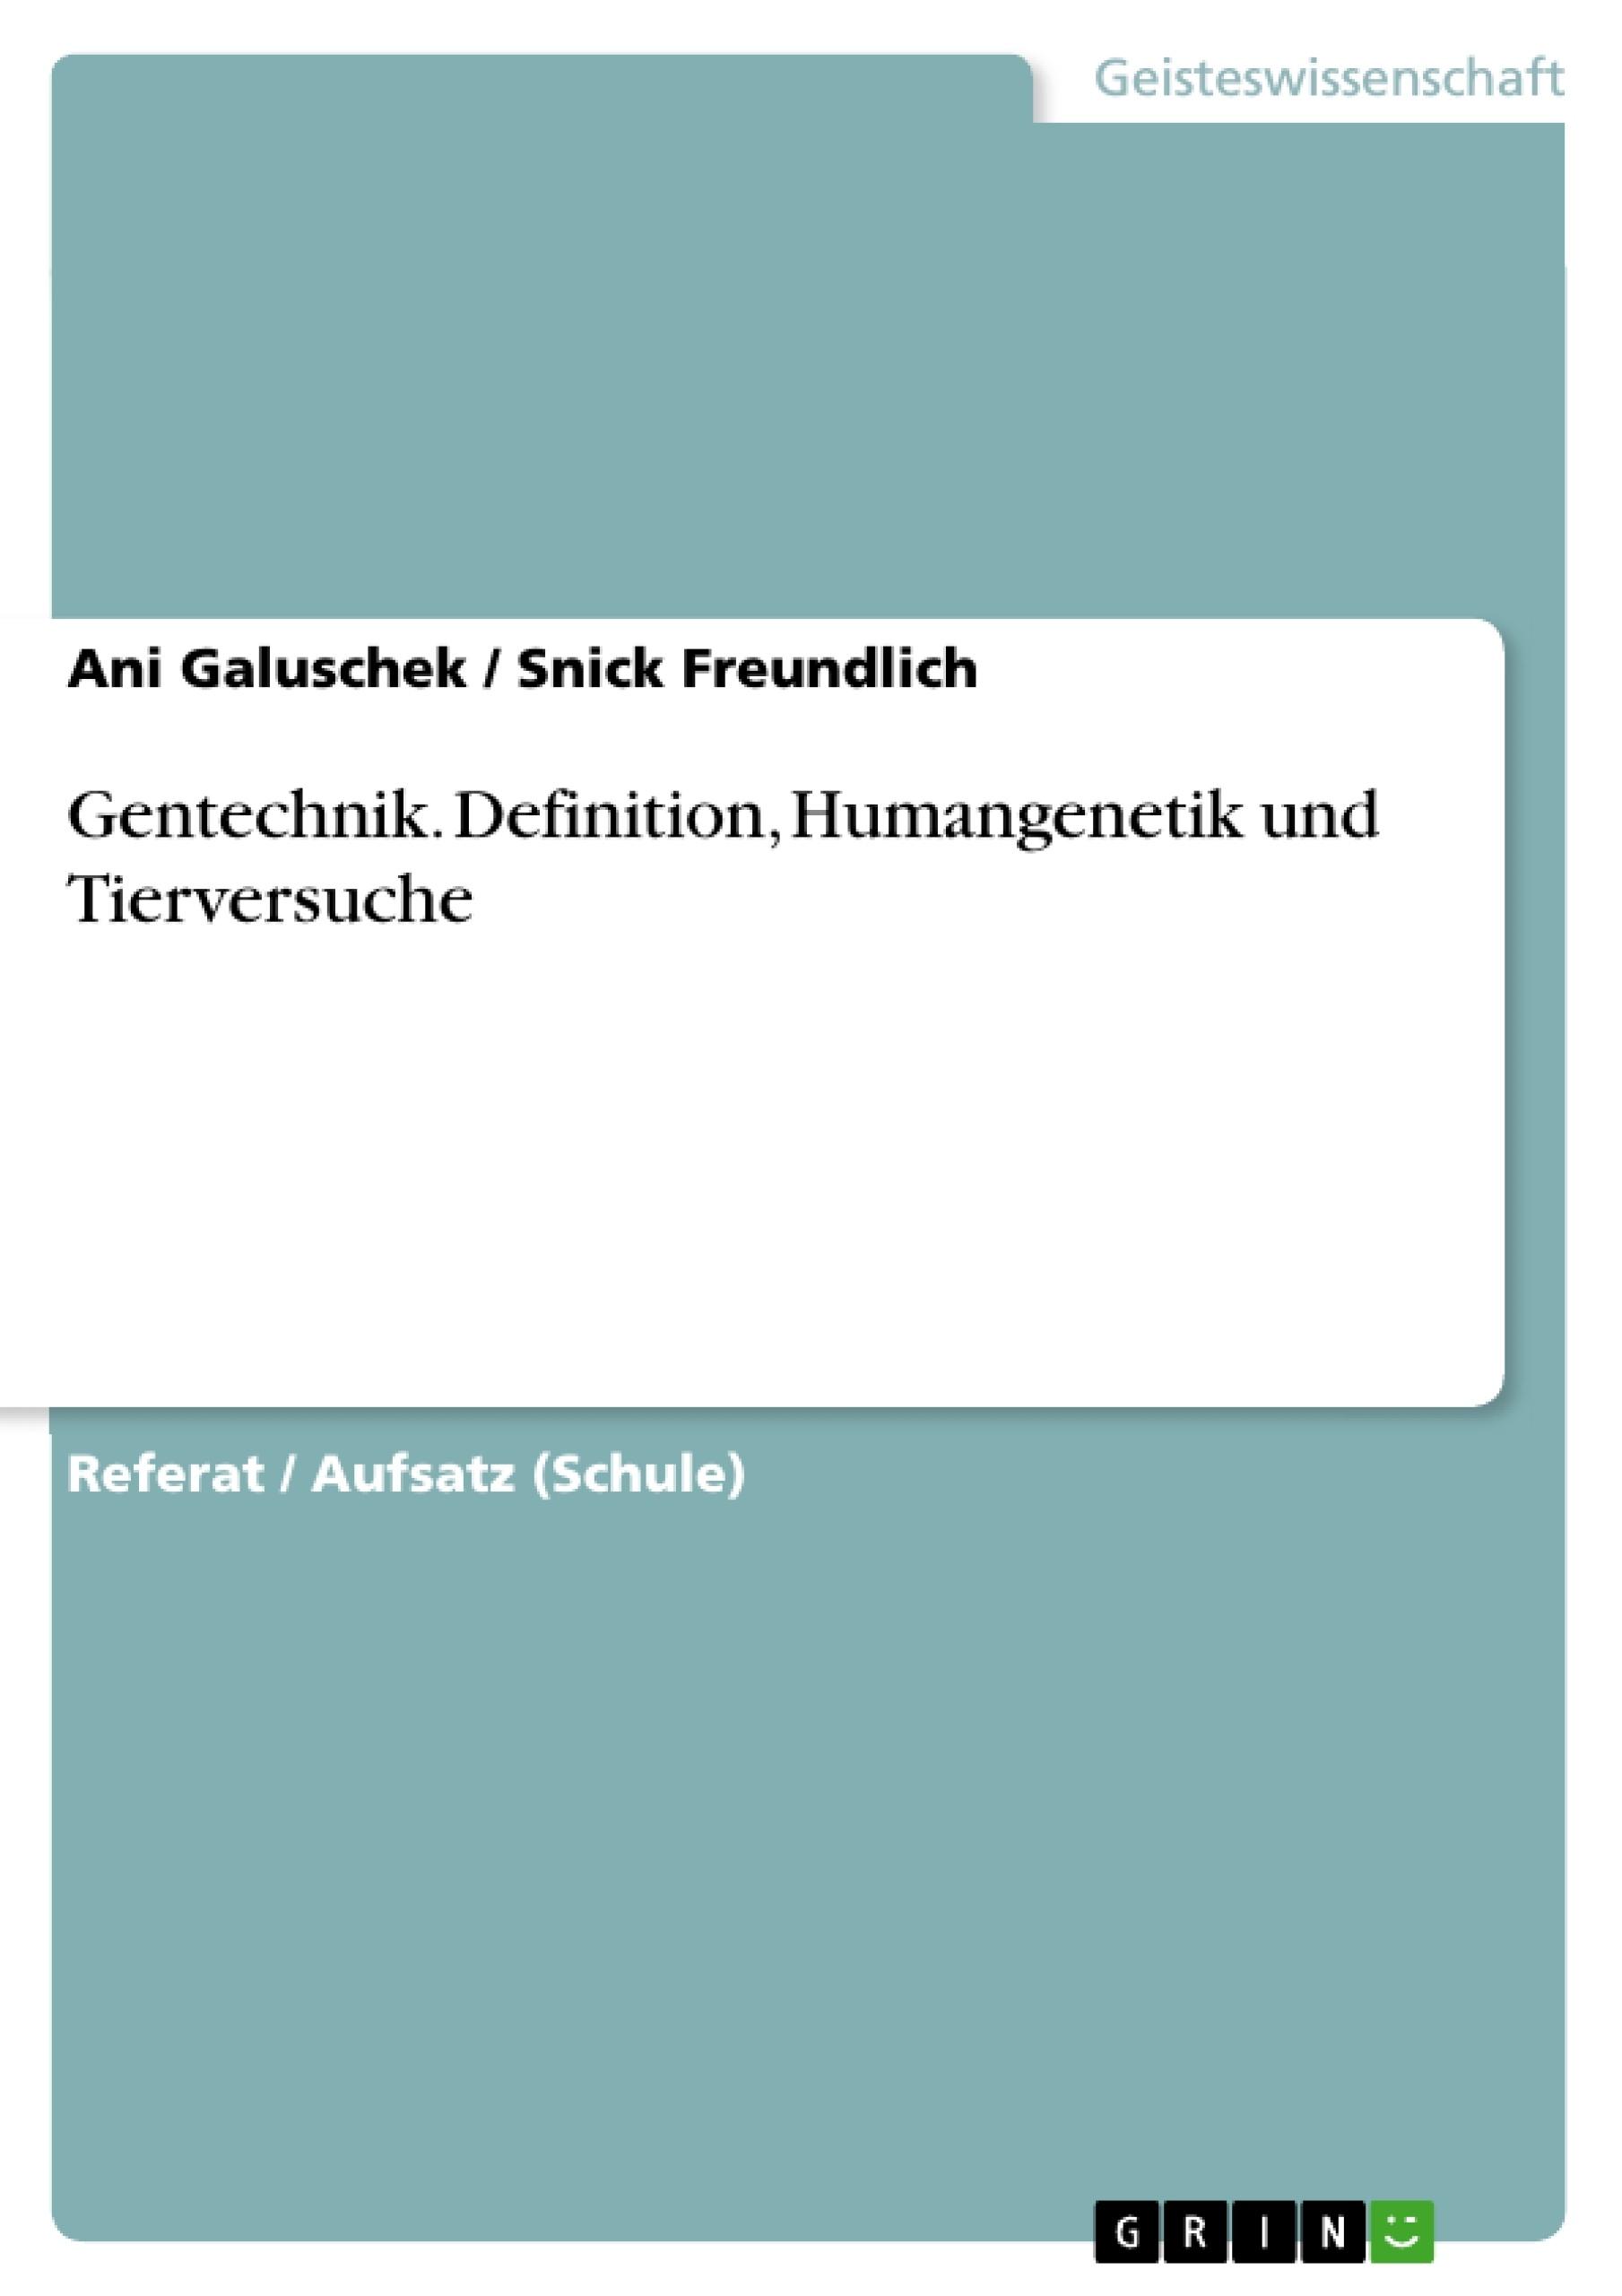 Titel: Gentechnik. Definition, Humangenetik und Tierversuche